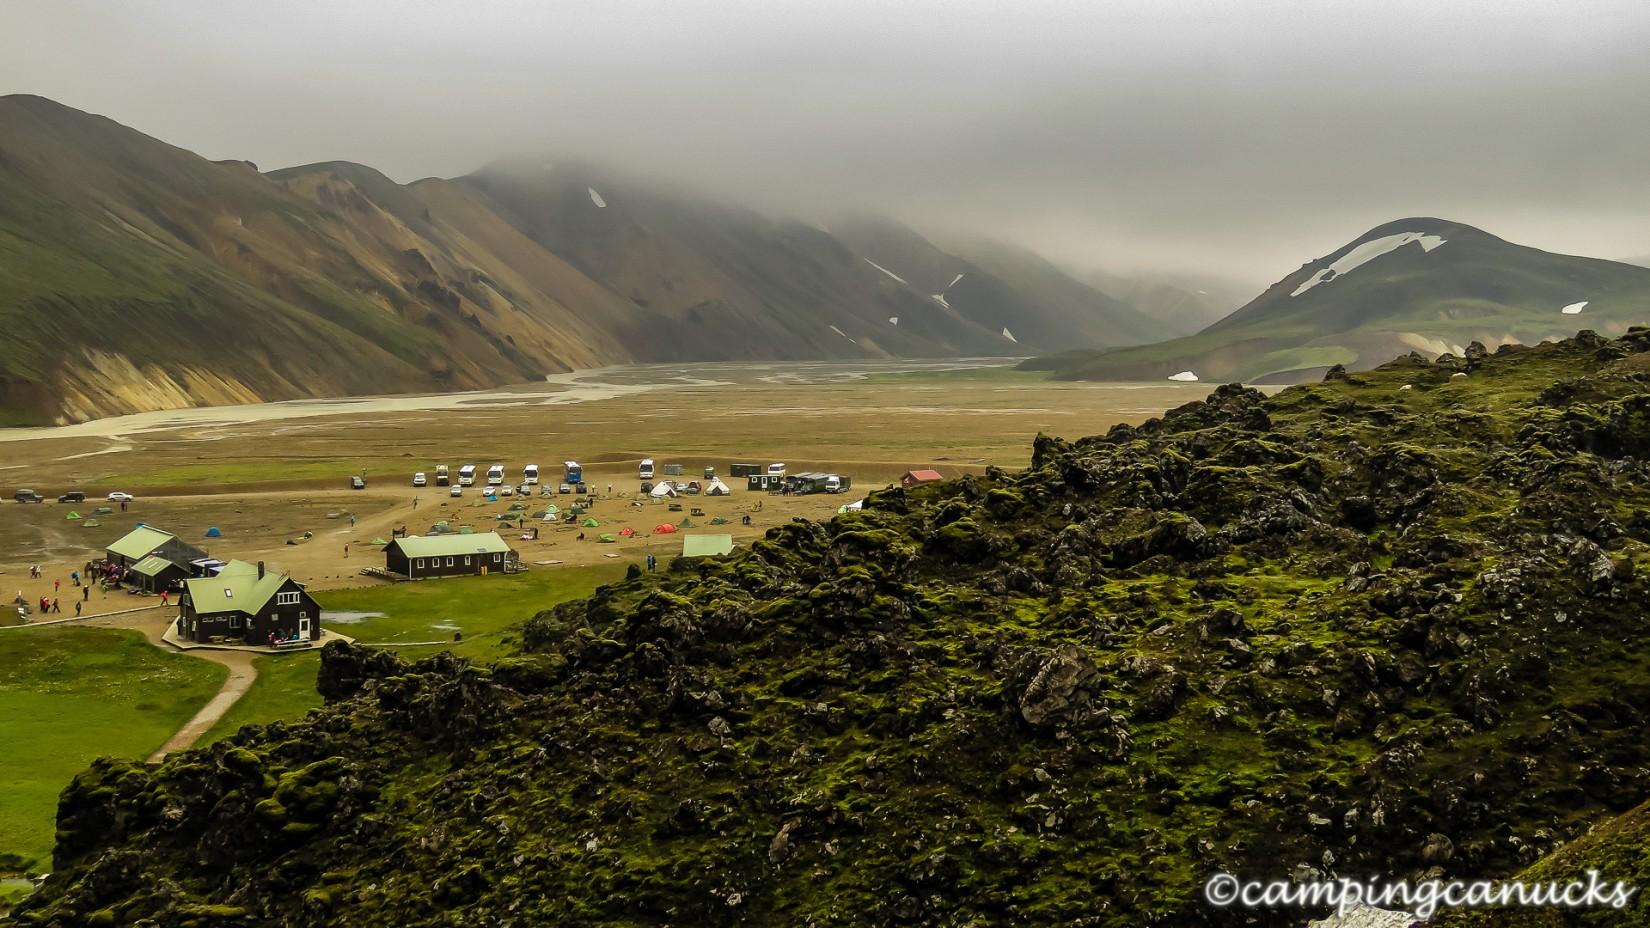 Looking back at Landmannalaugar